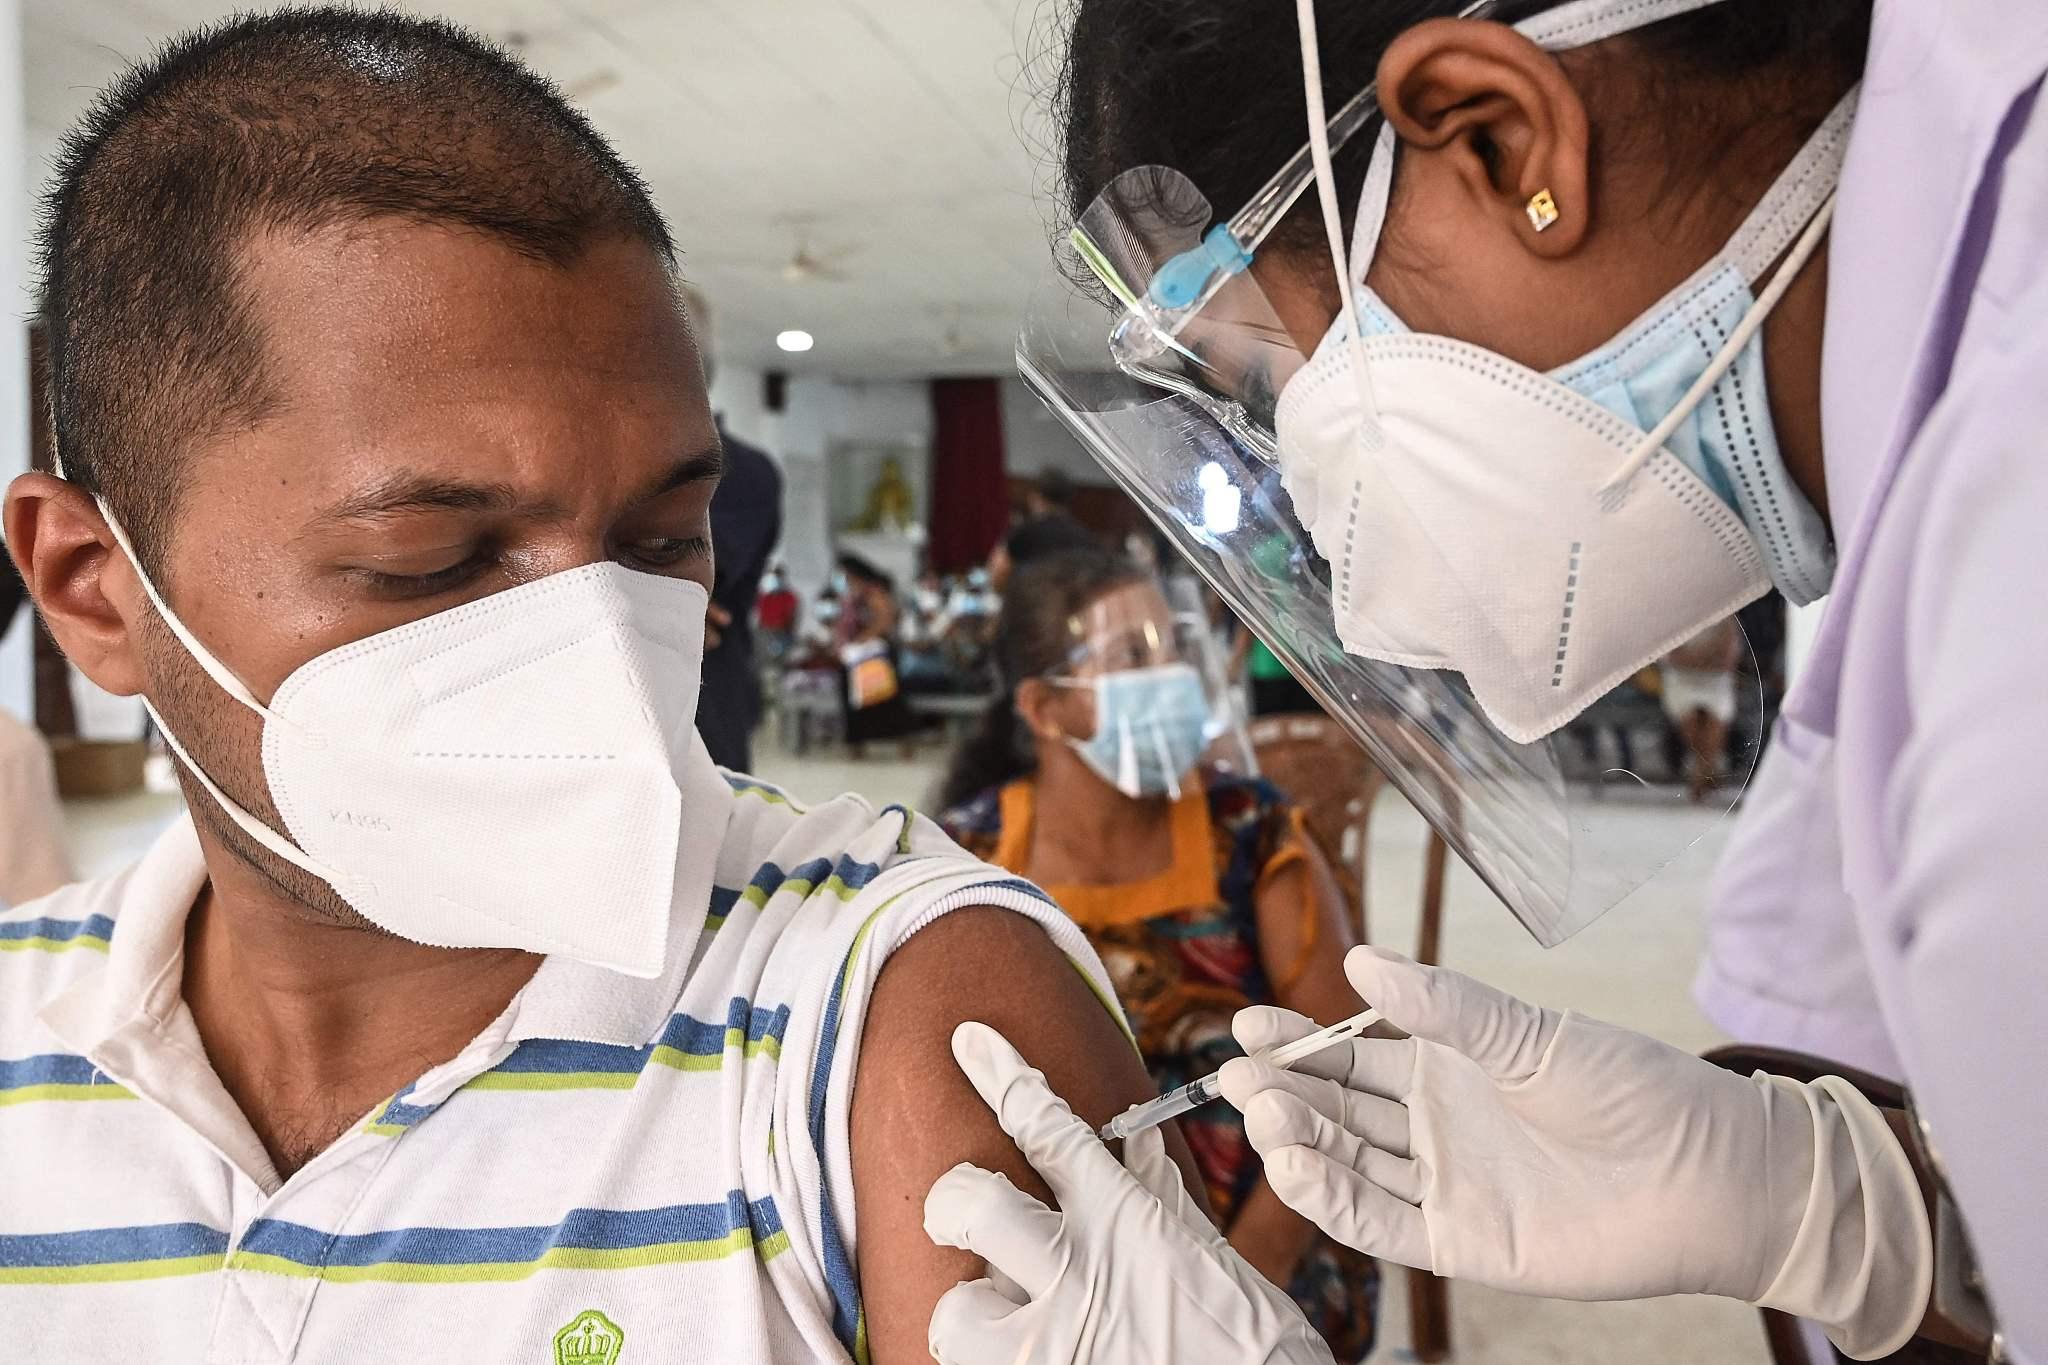 斯里兰卡大学研究表明中国国药新冠疫苗对德尔塔变异株非常有效